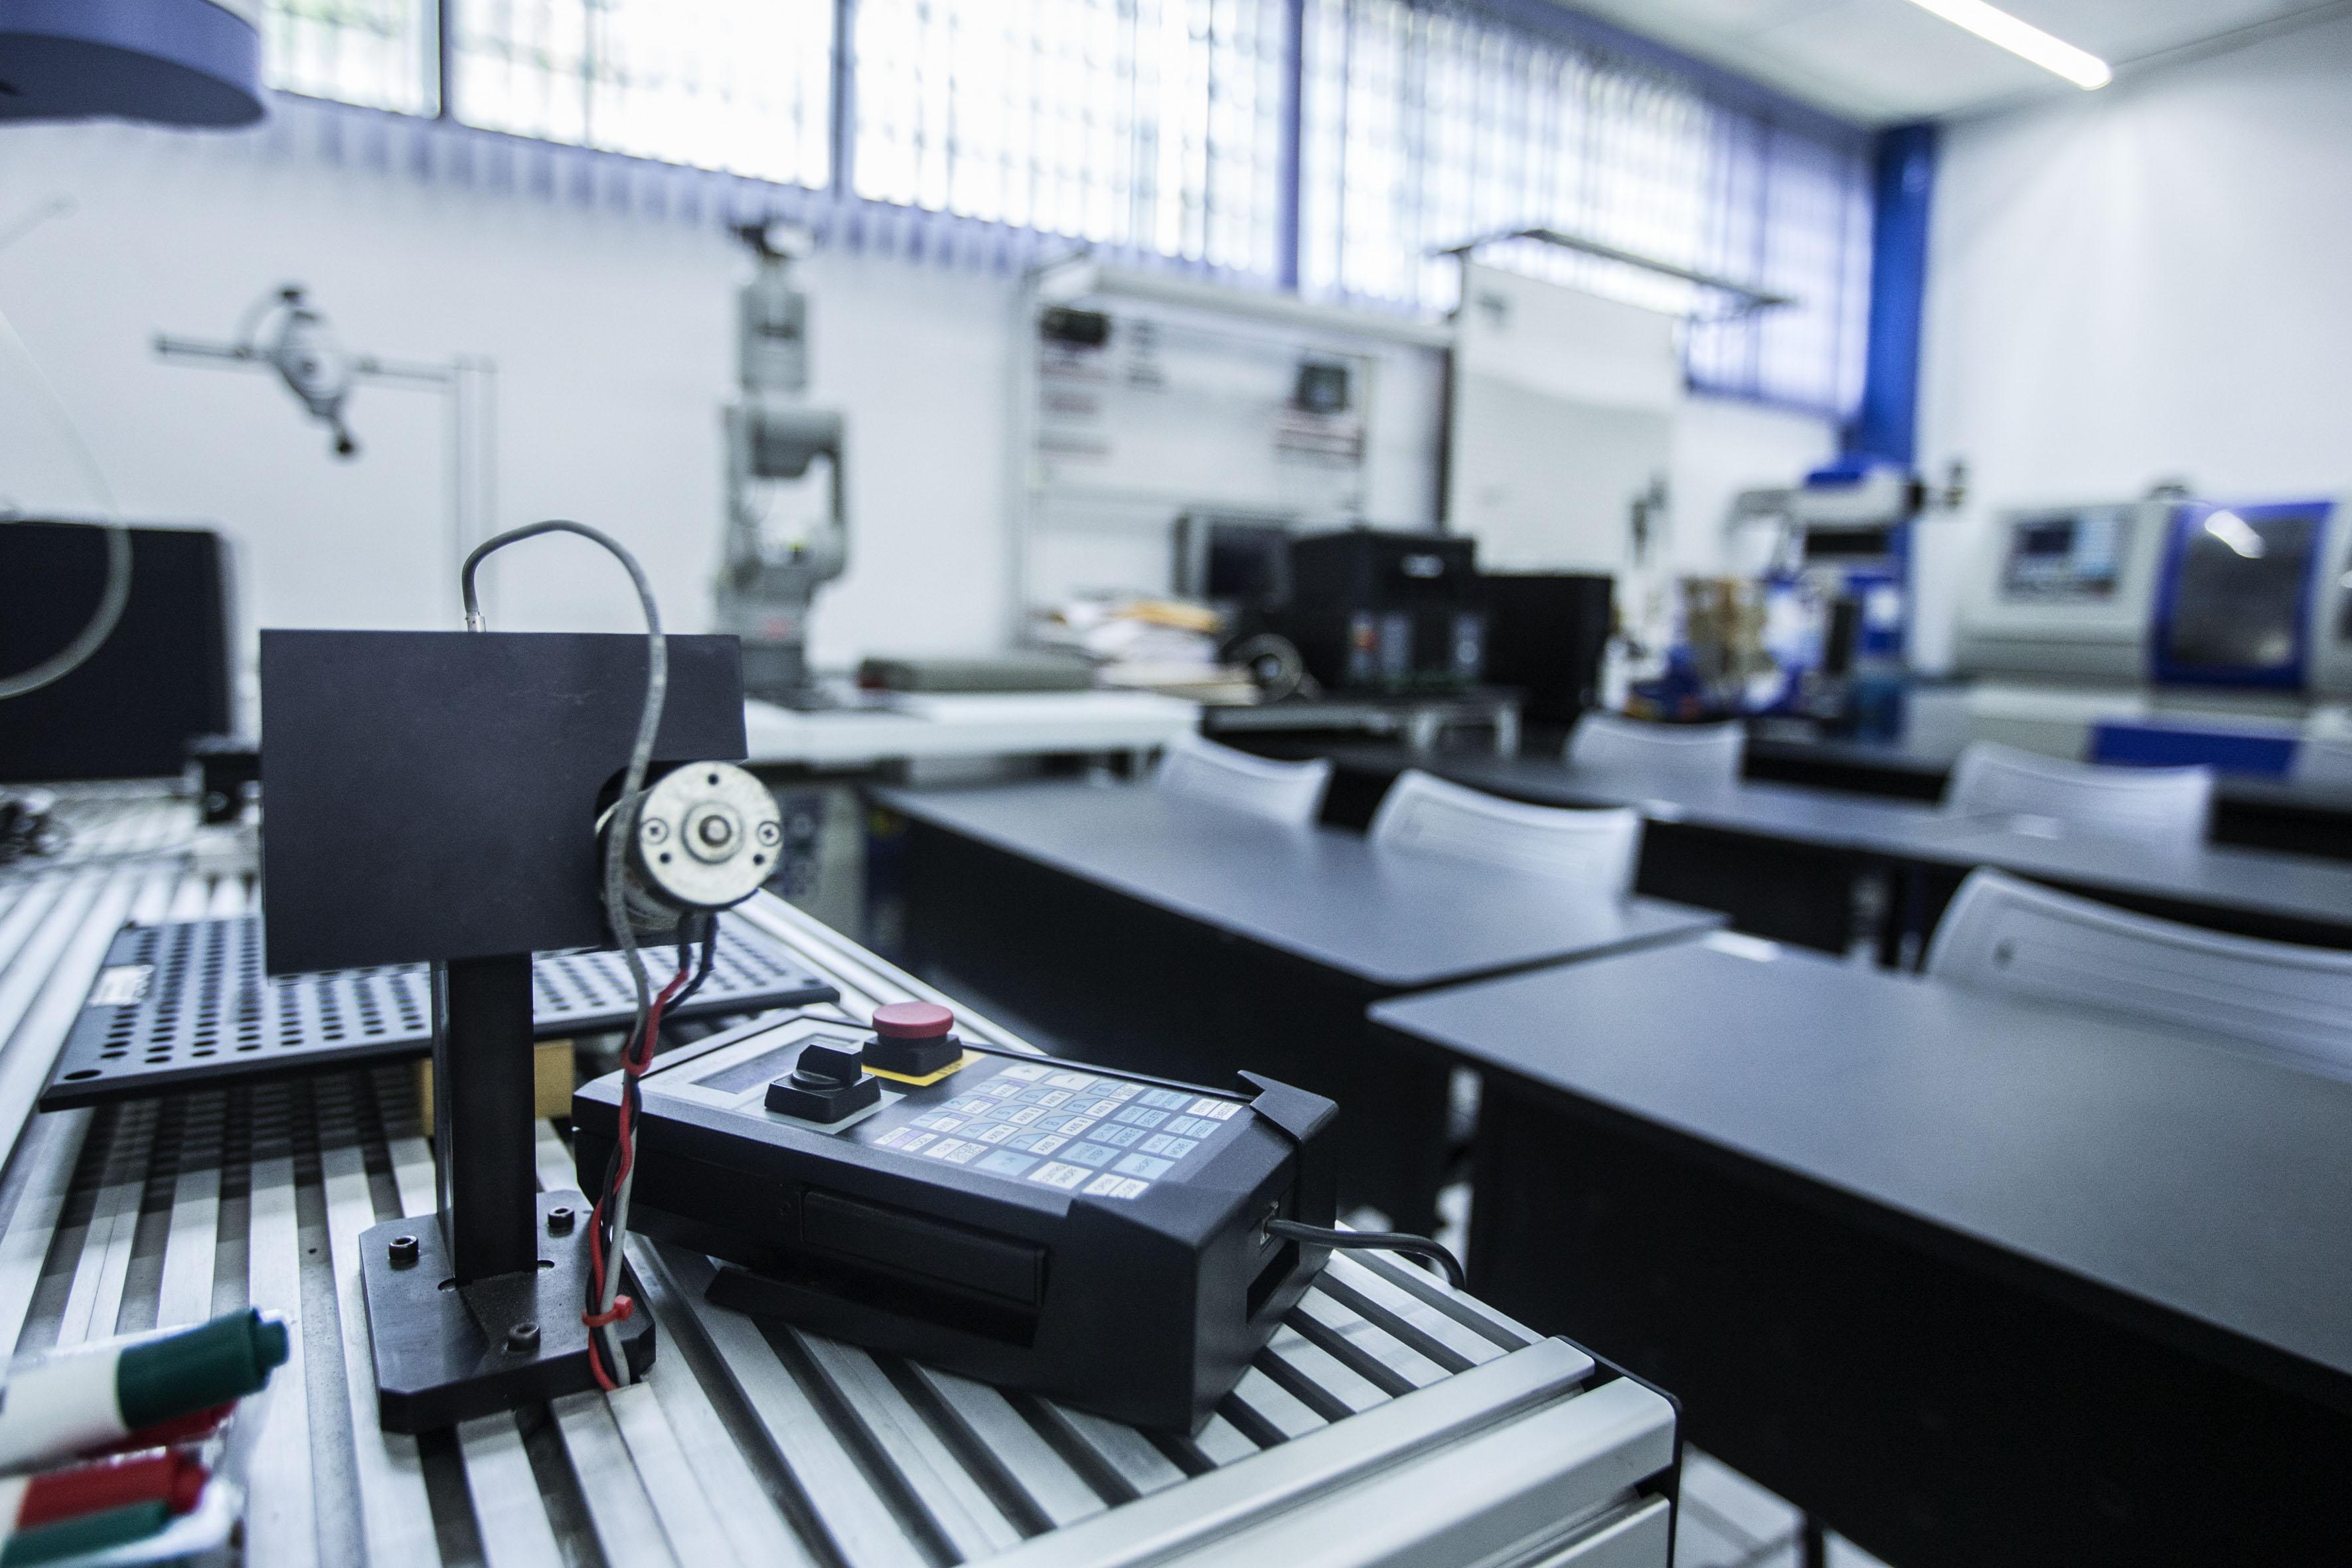 Salón y taller de laboratorio de equipo tecnológico e industrial.